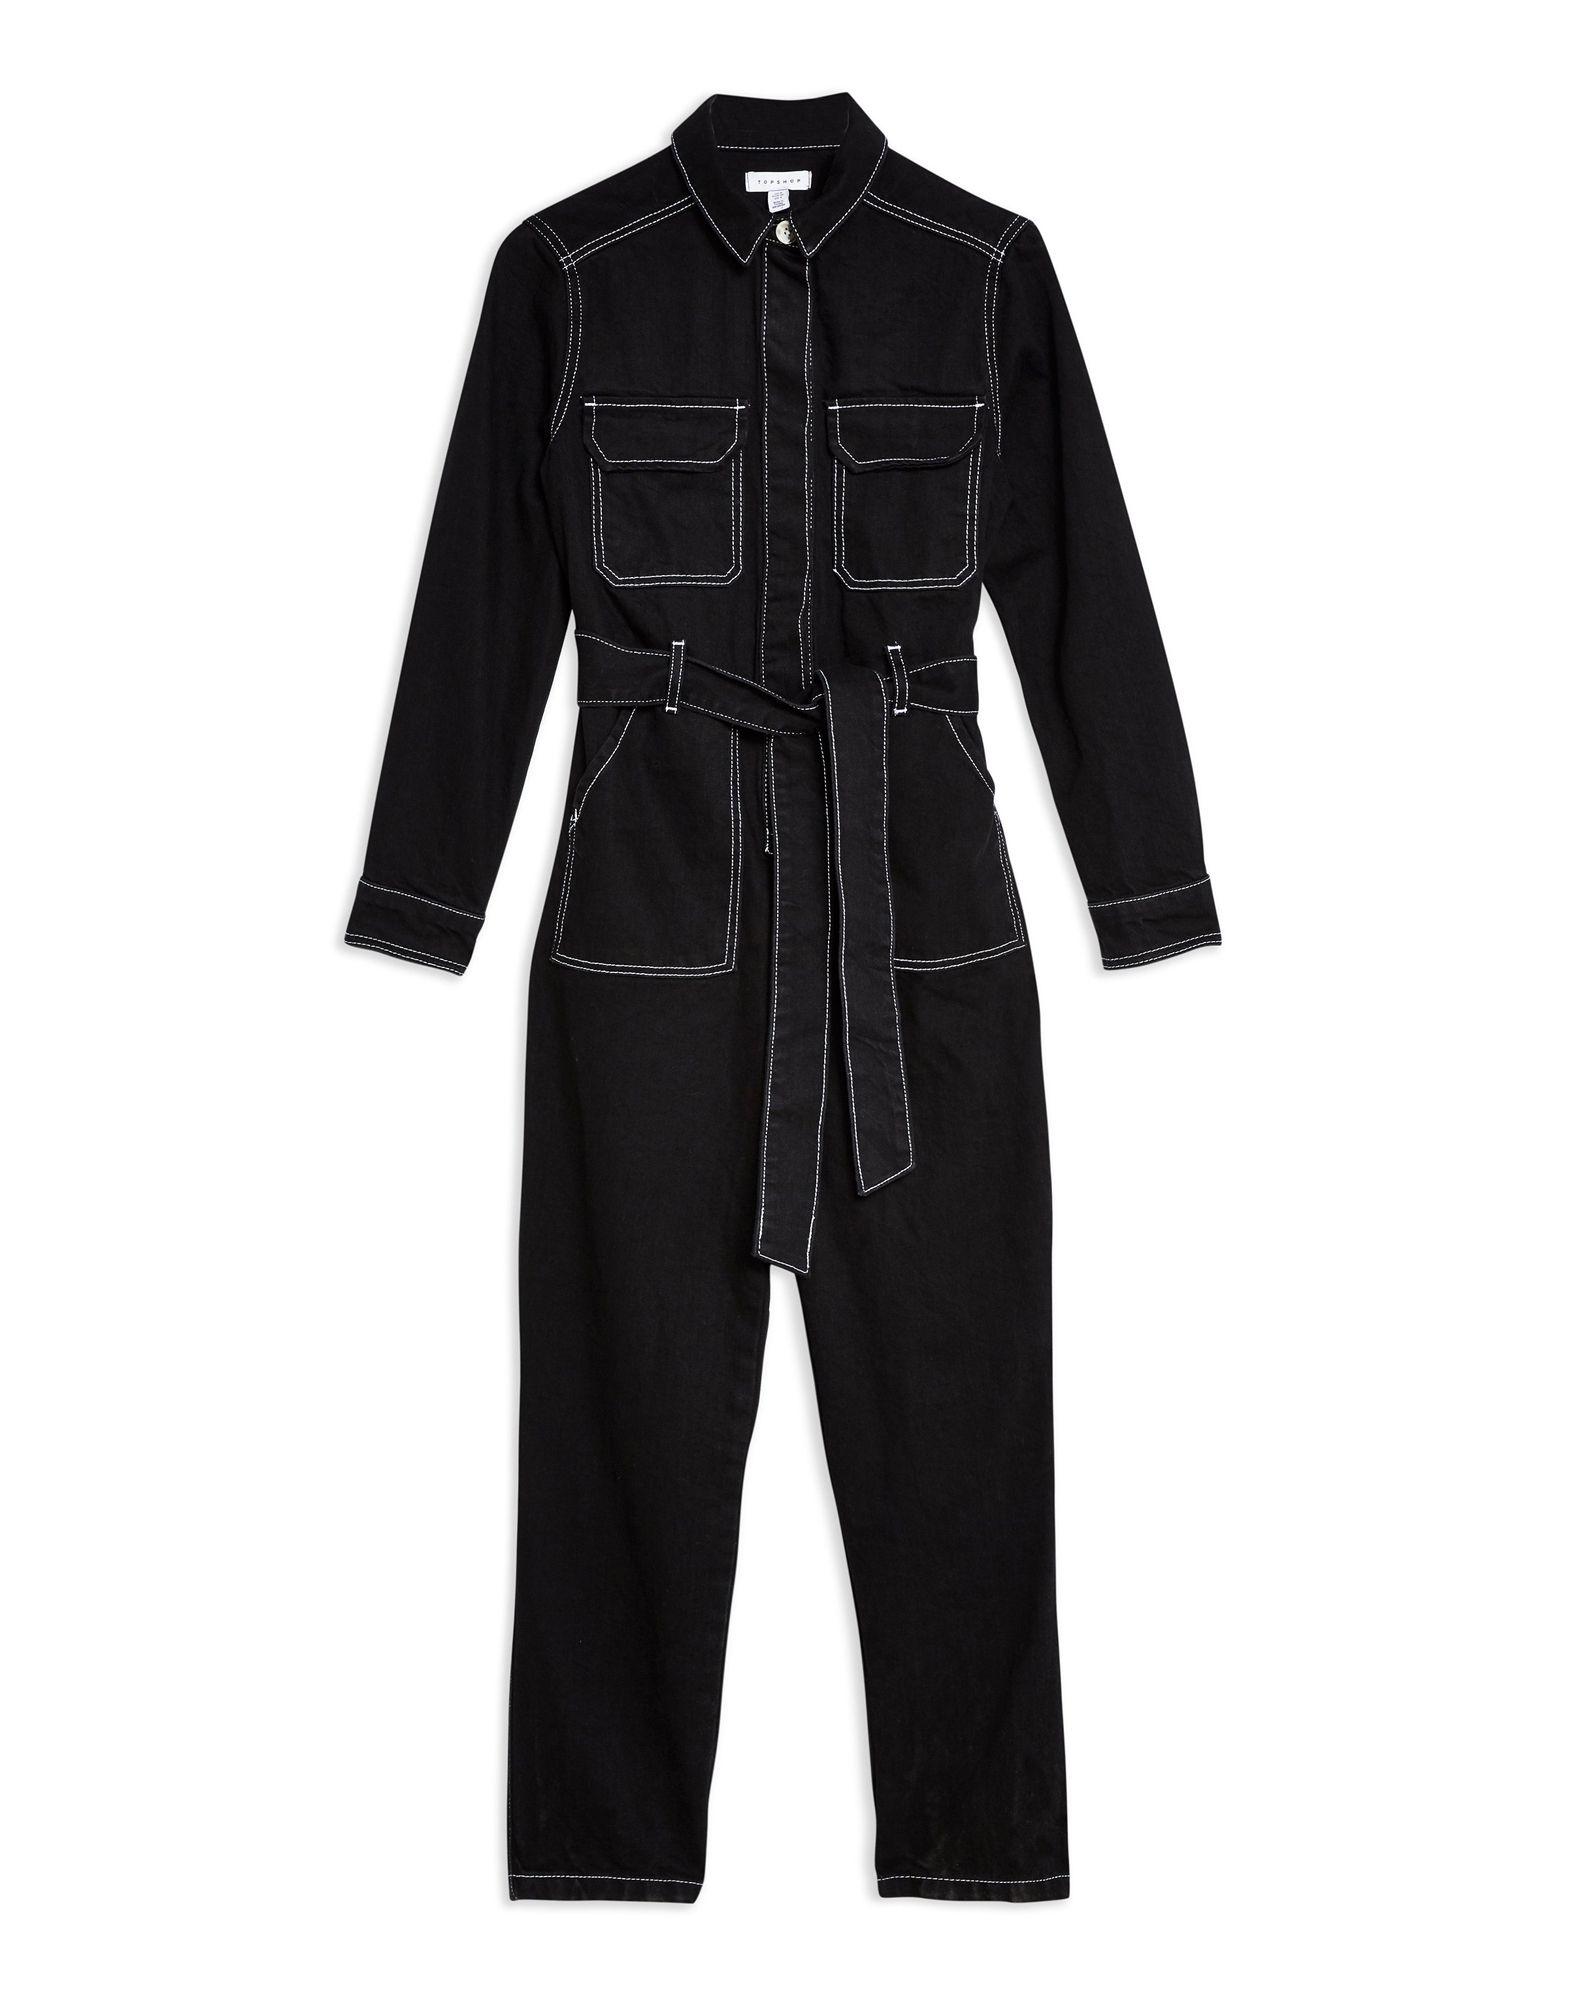 c59fbdf824e1 Topshop Black Denim Boiler Suit - Jumpsuit One Piece - Women Topshop ...